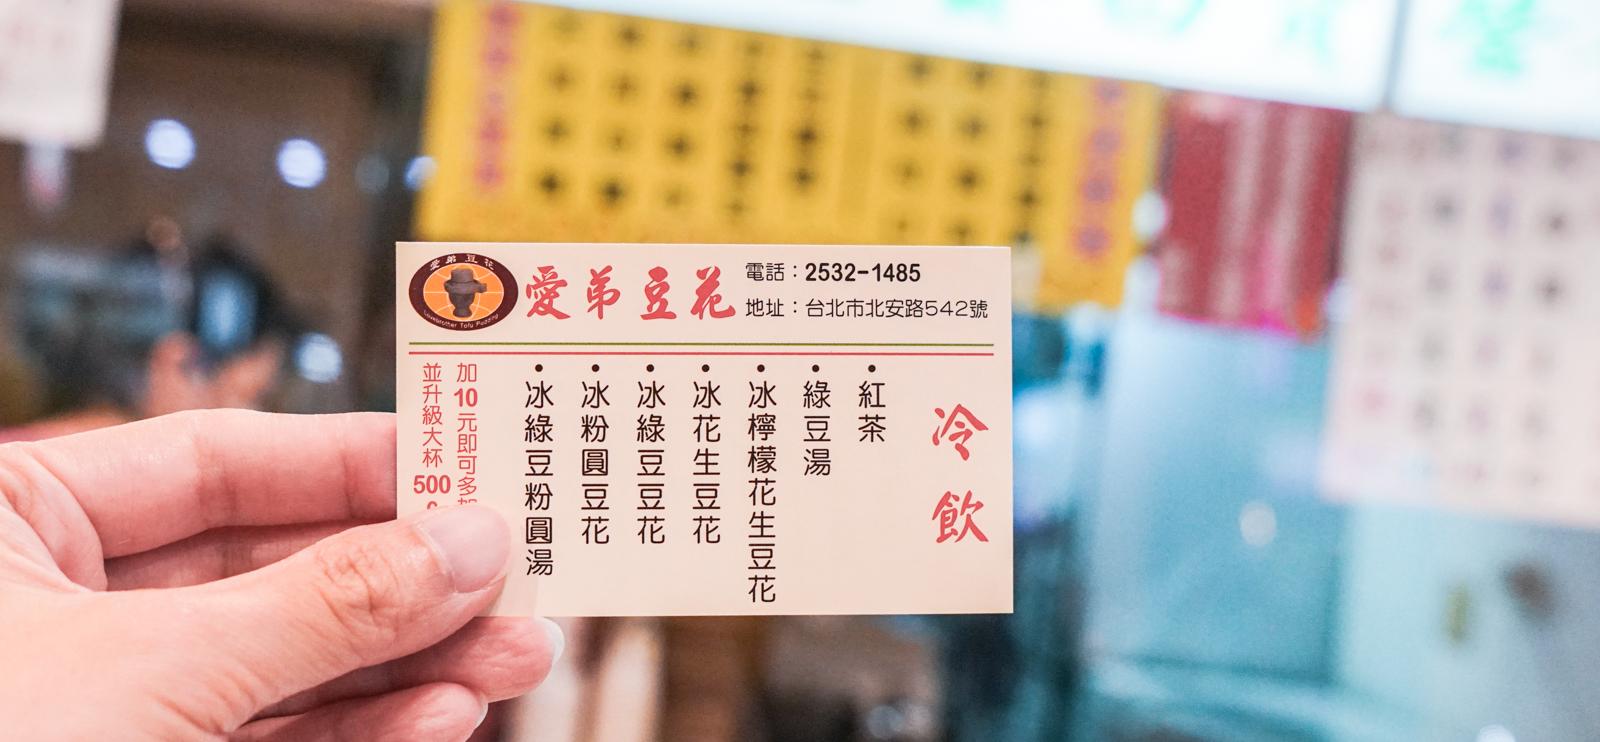 大直美食|台北熱賣超過40年的傳統豆花、檸檬加豆花更清甜『愛弟豆花』外帶豆花、外送下午茶 @梅格(Angelababy)享樂日記